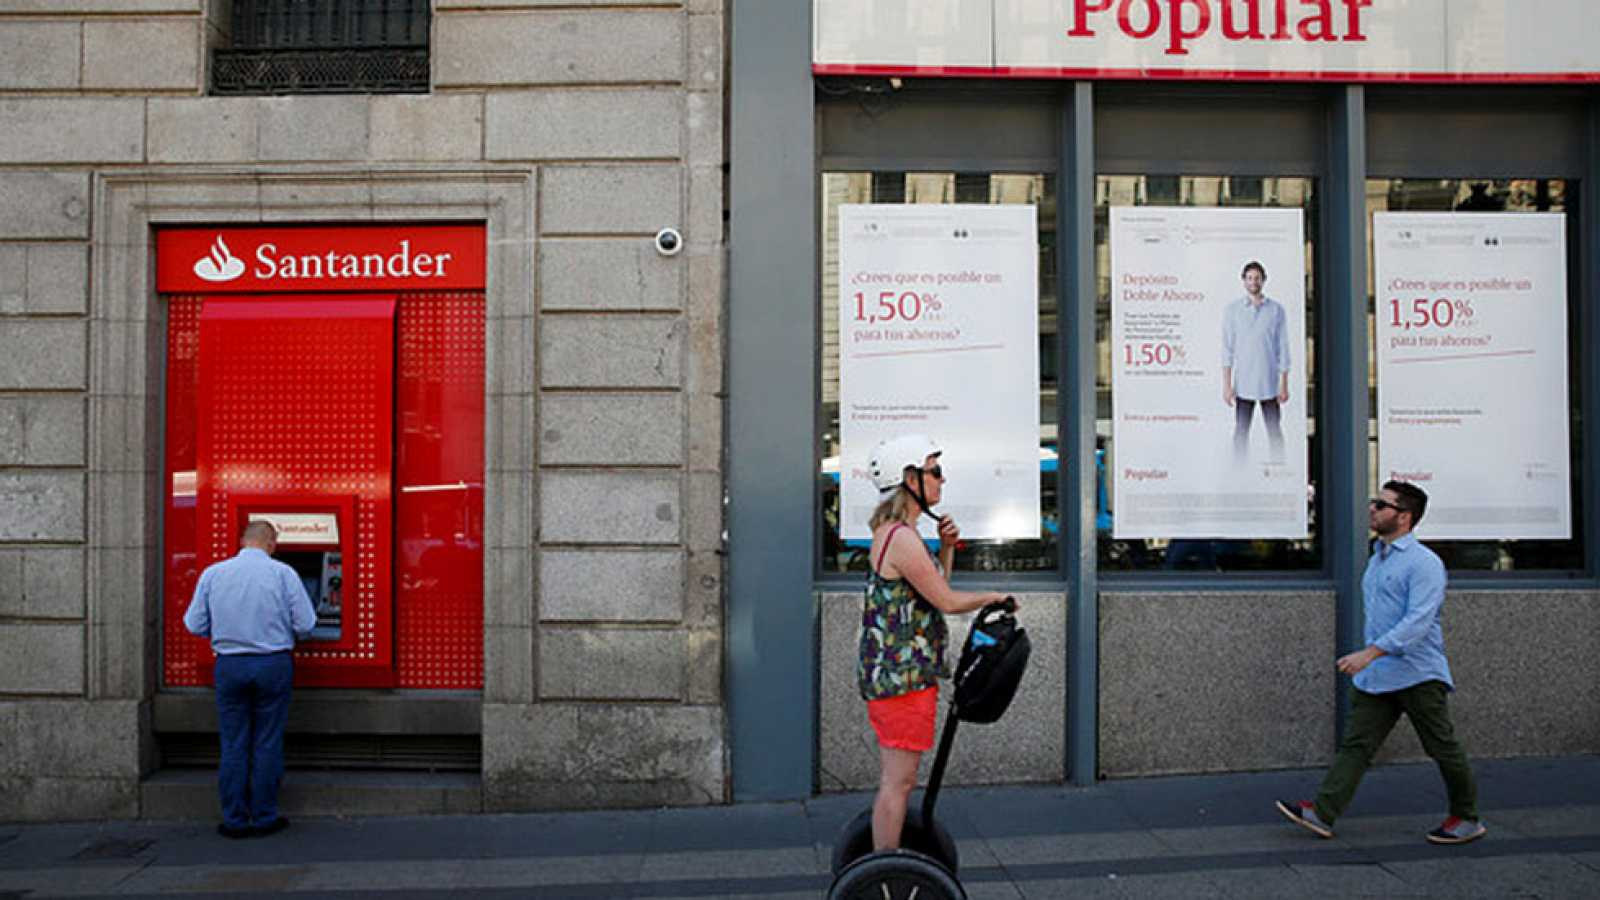 El Santander cambia de estrategia: antes, el Popular era un caso fortuito, sin culpables; ahora arremete contra Ángel Ron